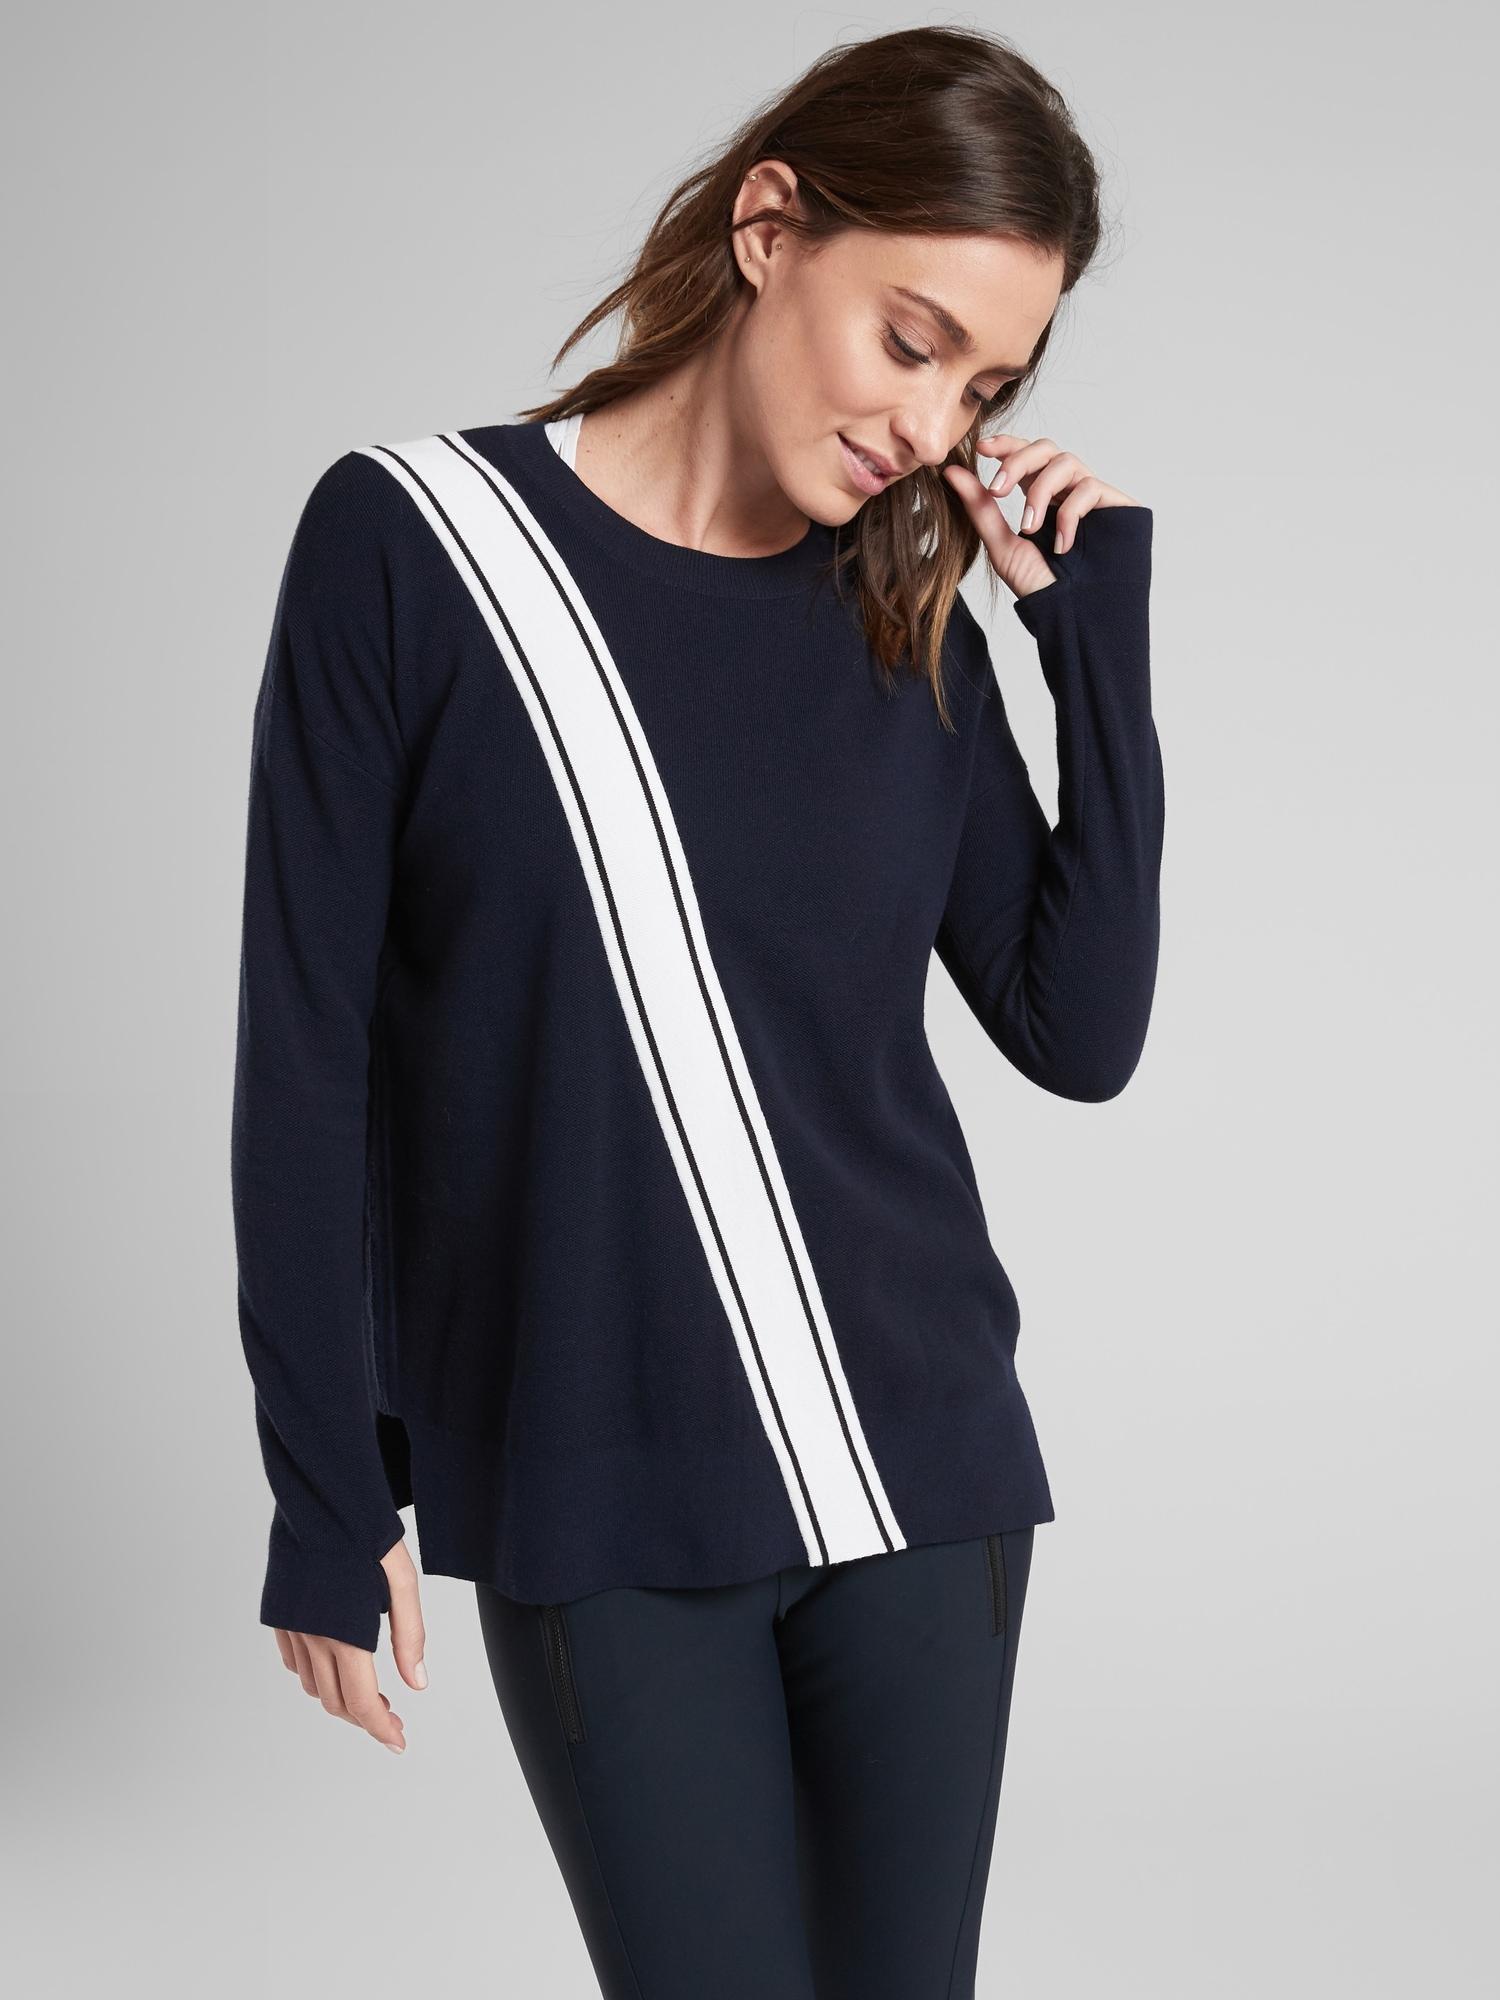 1305fdc5cdfaa Lyst - Athleta Streetwise Sweater in Blue